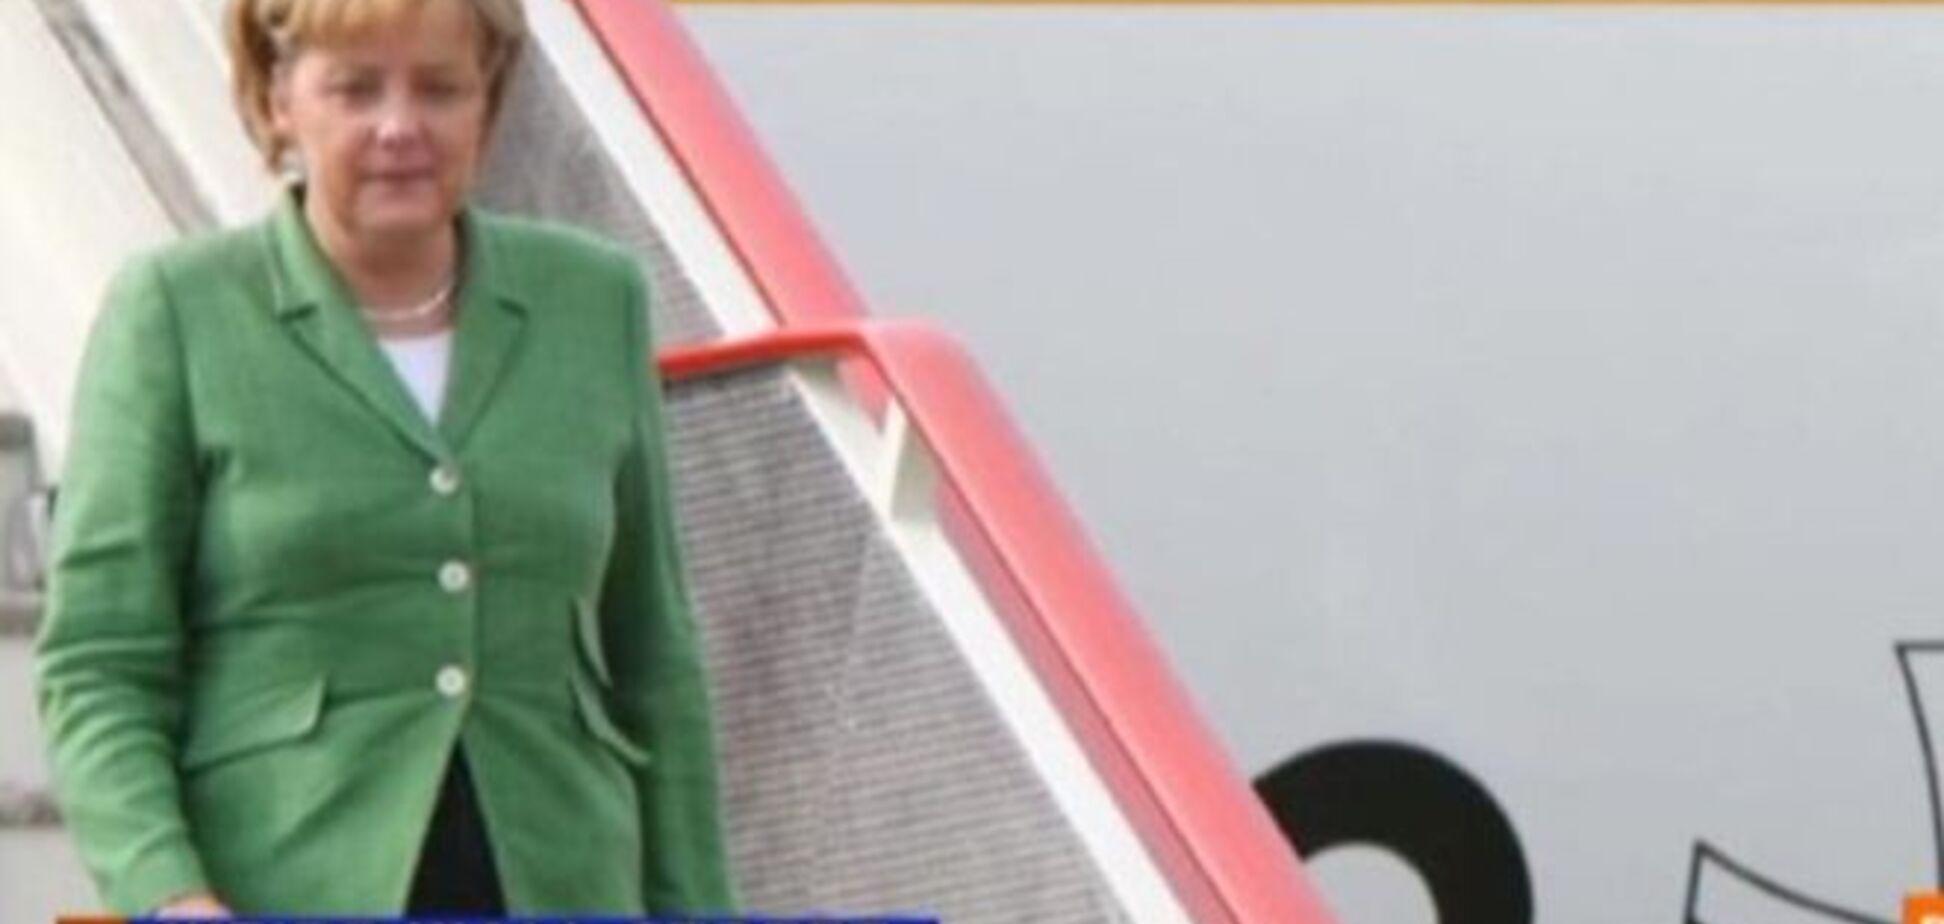 Бодібілдер в трусах влаштував дебош в літаку Меркель